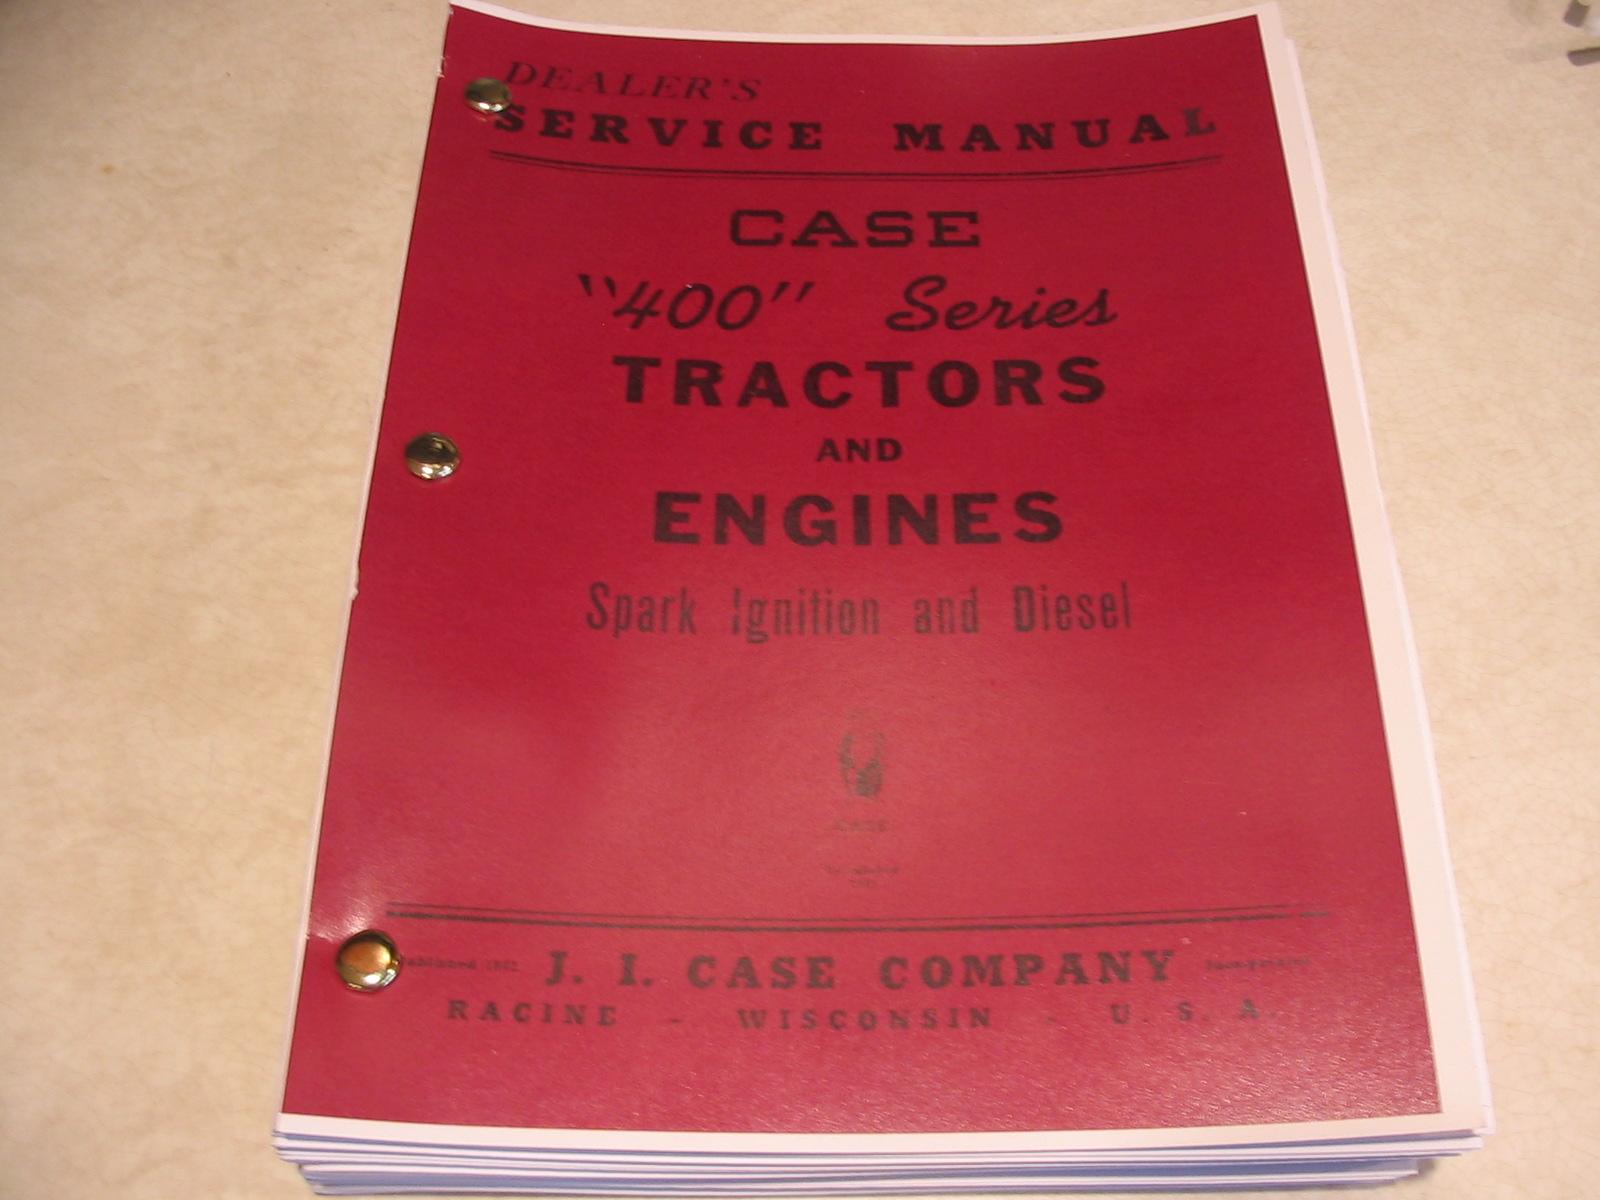 p-1117-Case_400_Tractor_50c23064aeeff.jpg